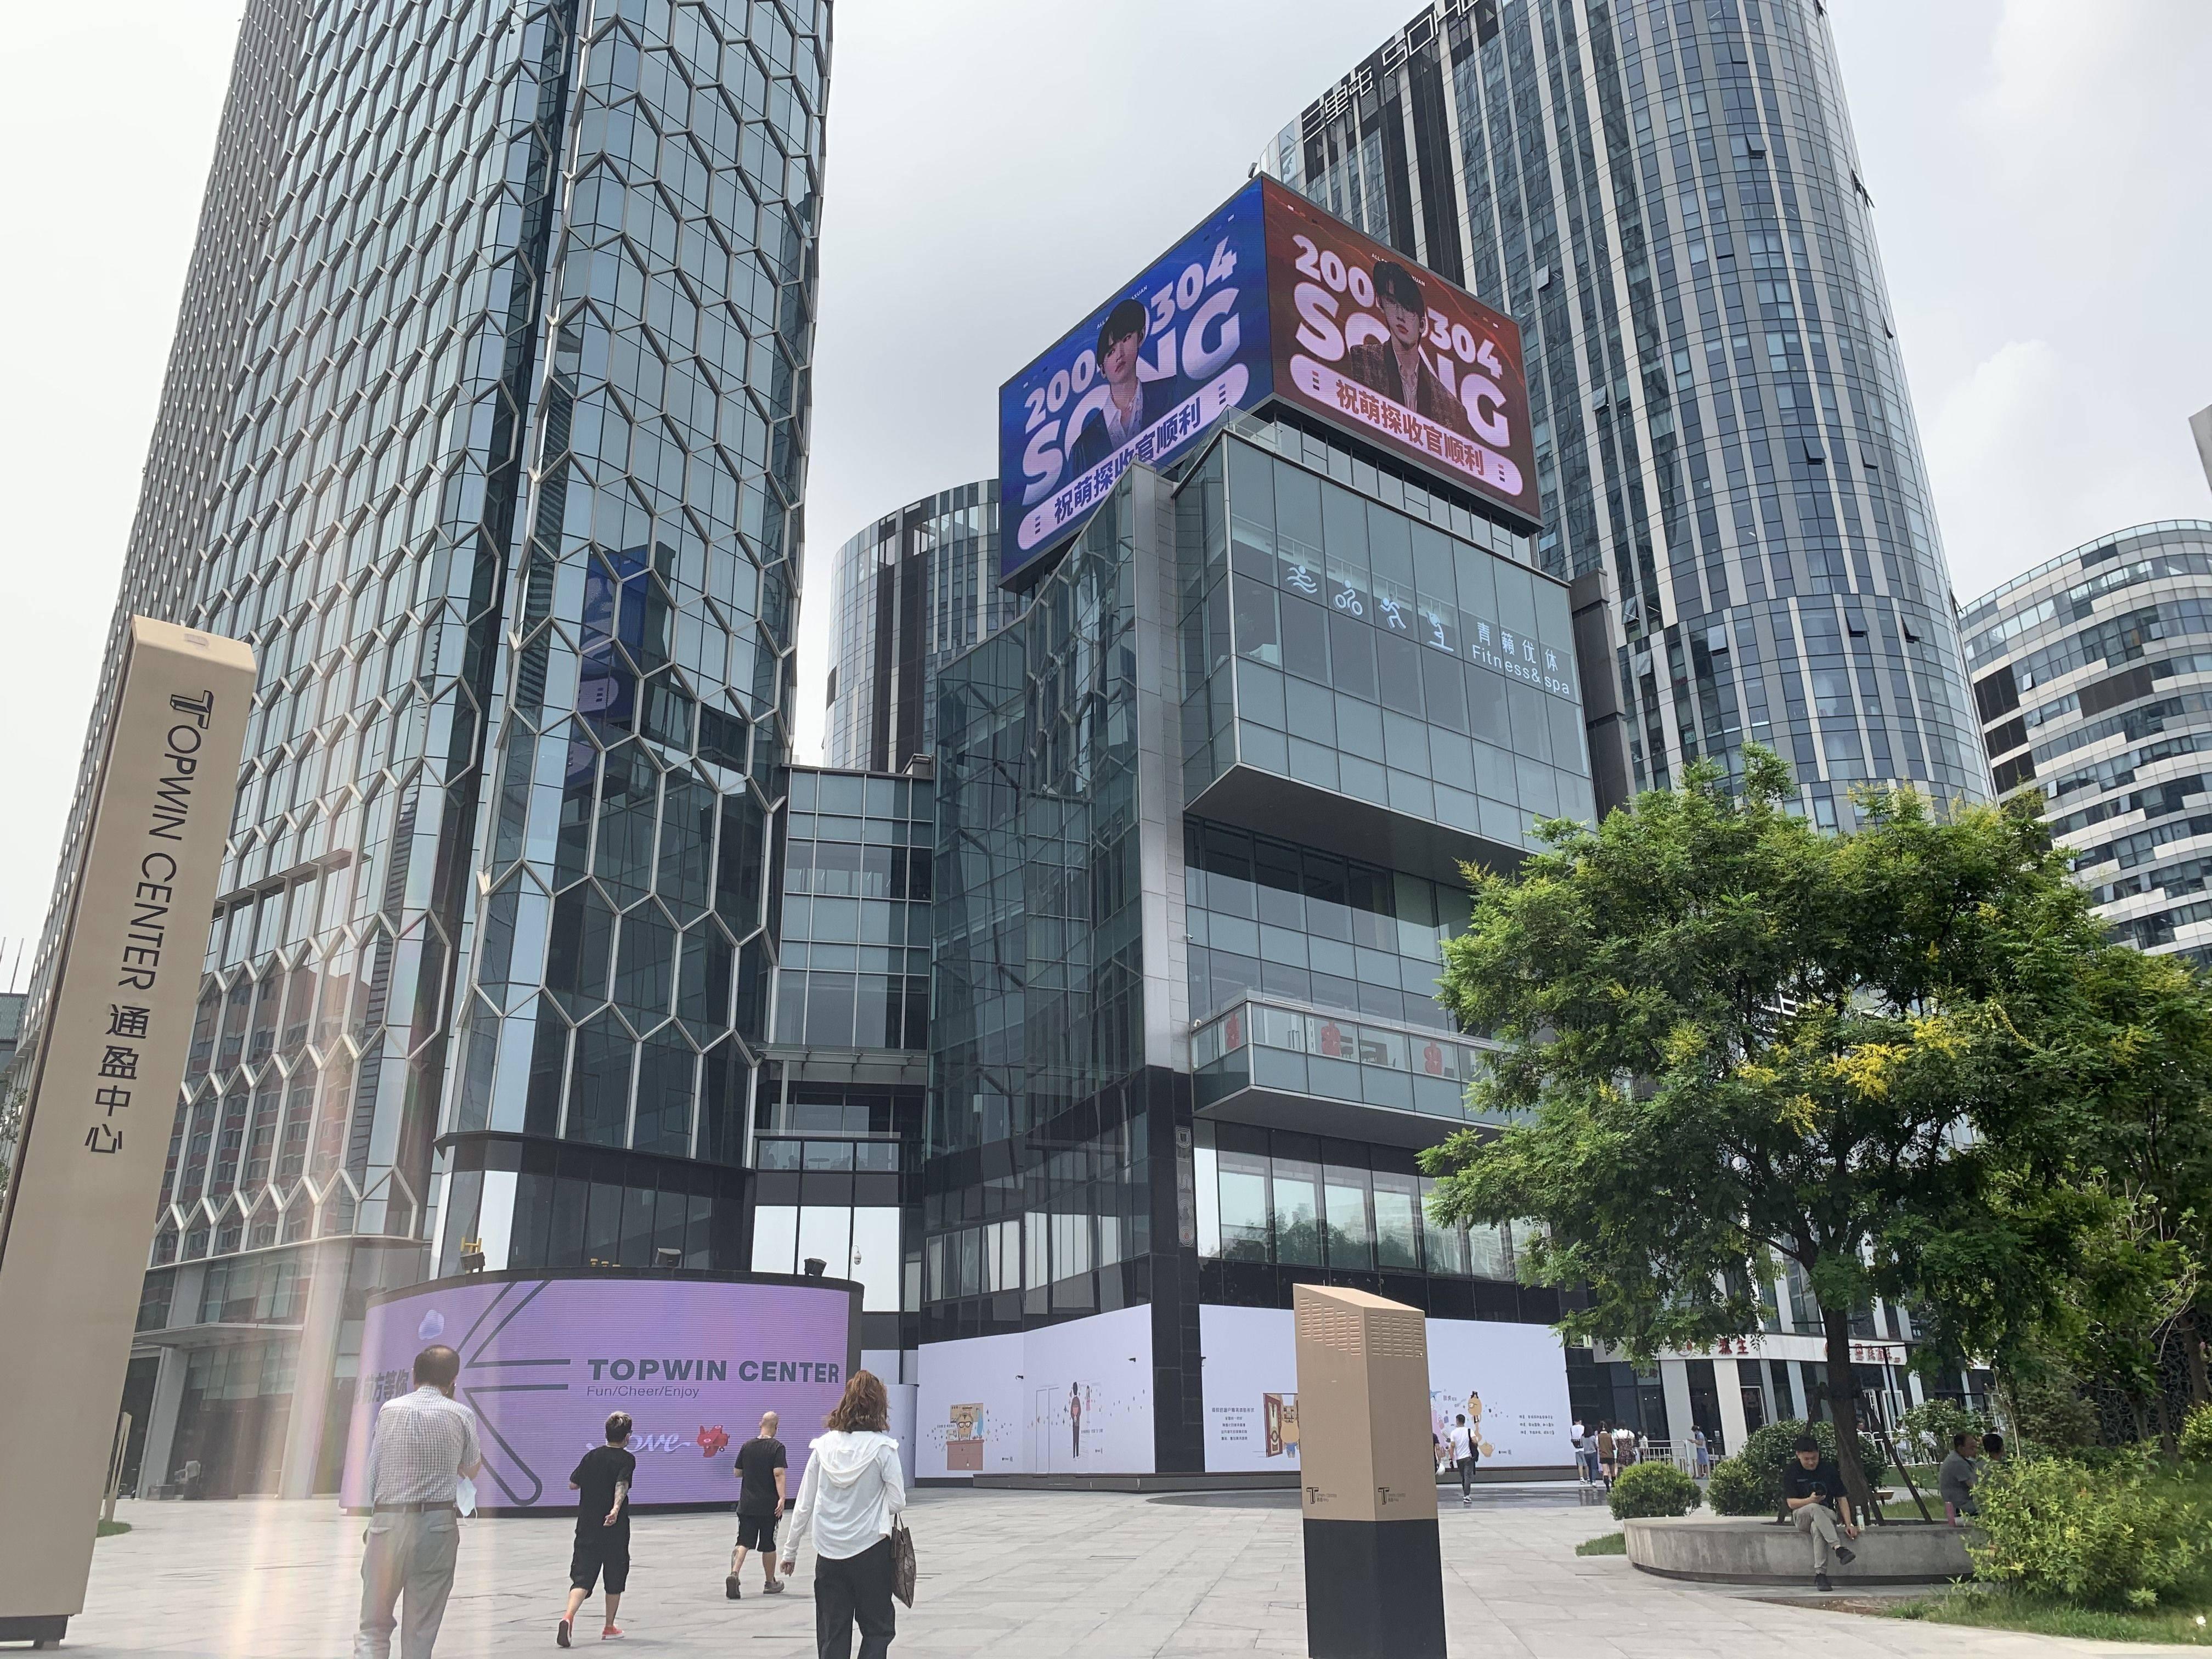 【户外3D大屏】北京三里屯通盈中心大屏